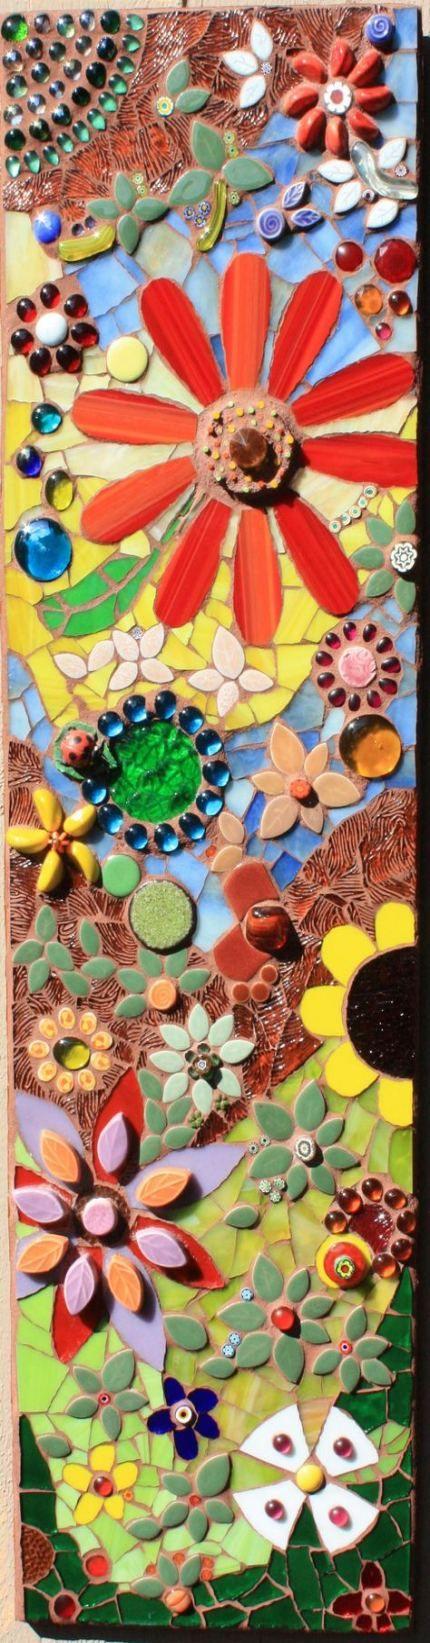 Super Garden Art Diy Beads Stained Glass Ideas diy